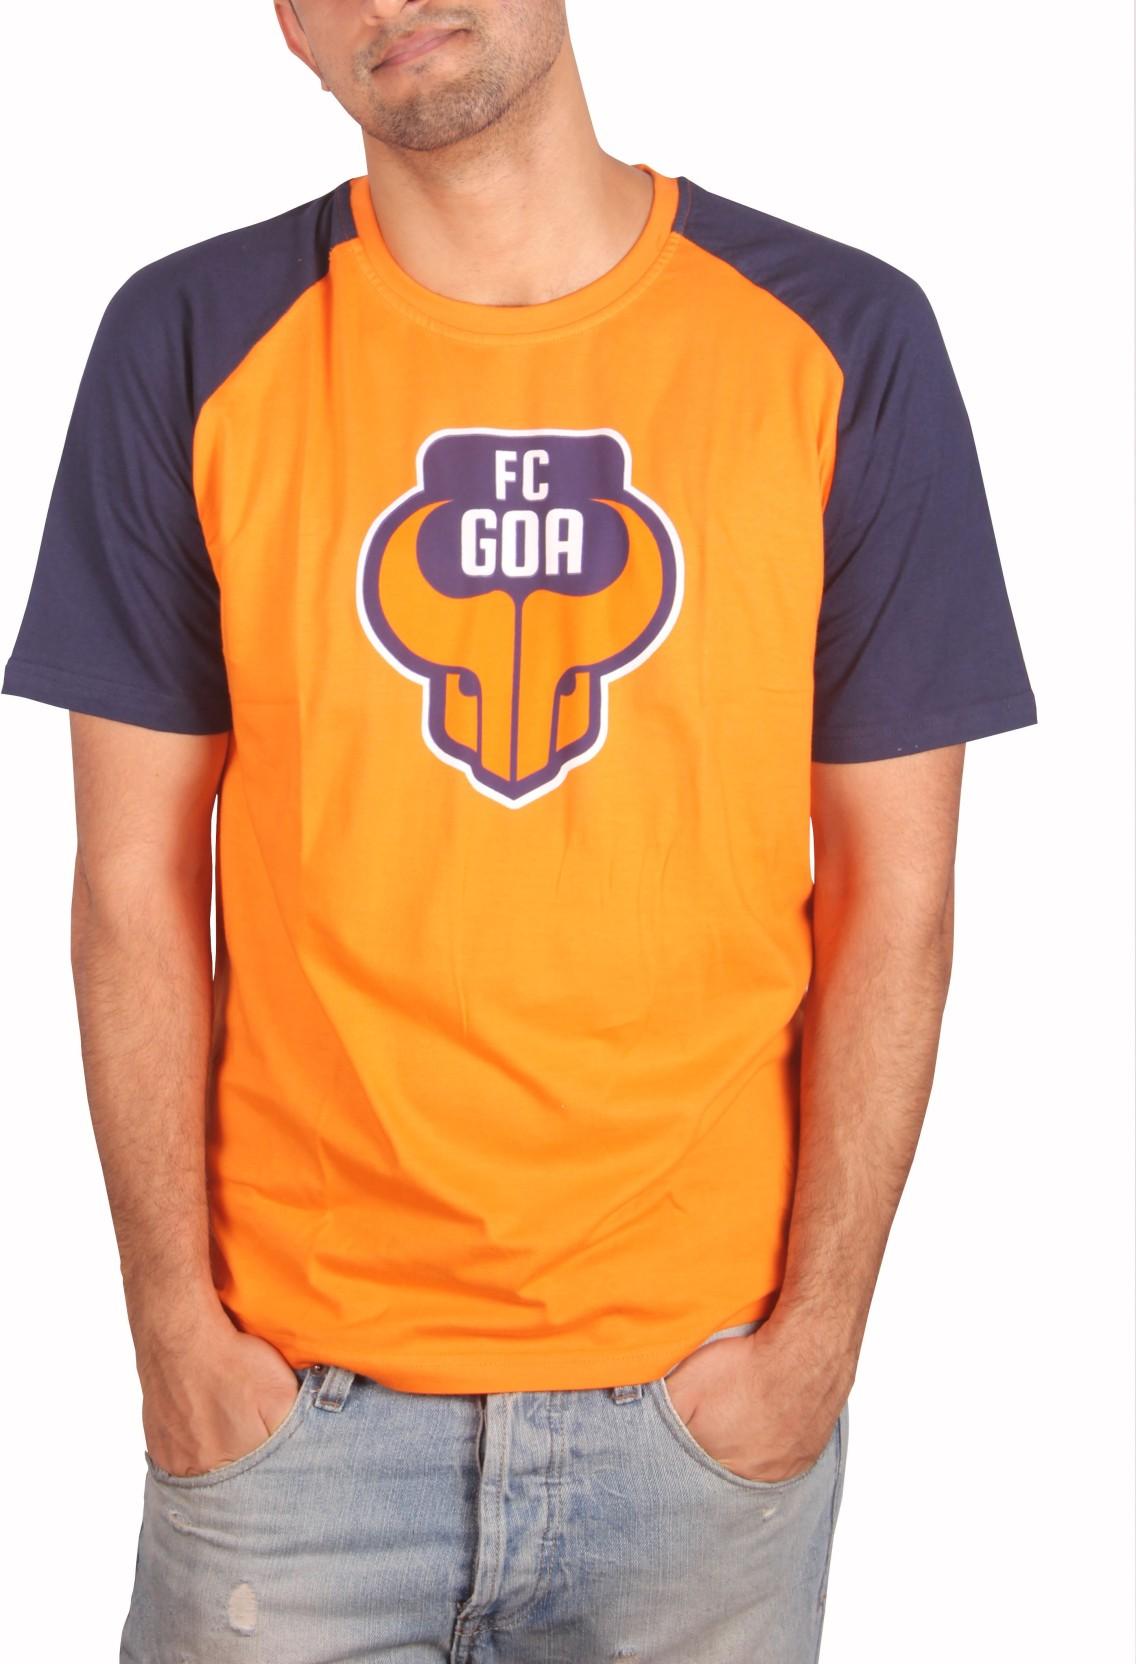 8848 Sports Merchandise Self Design Mens Round Neck Orange T Shirt